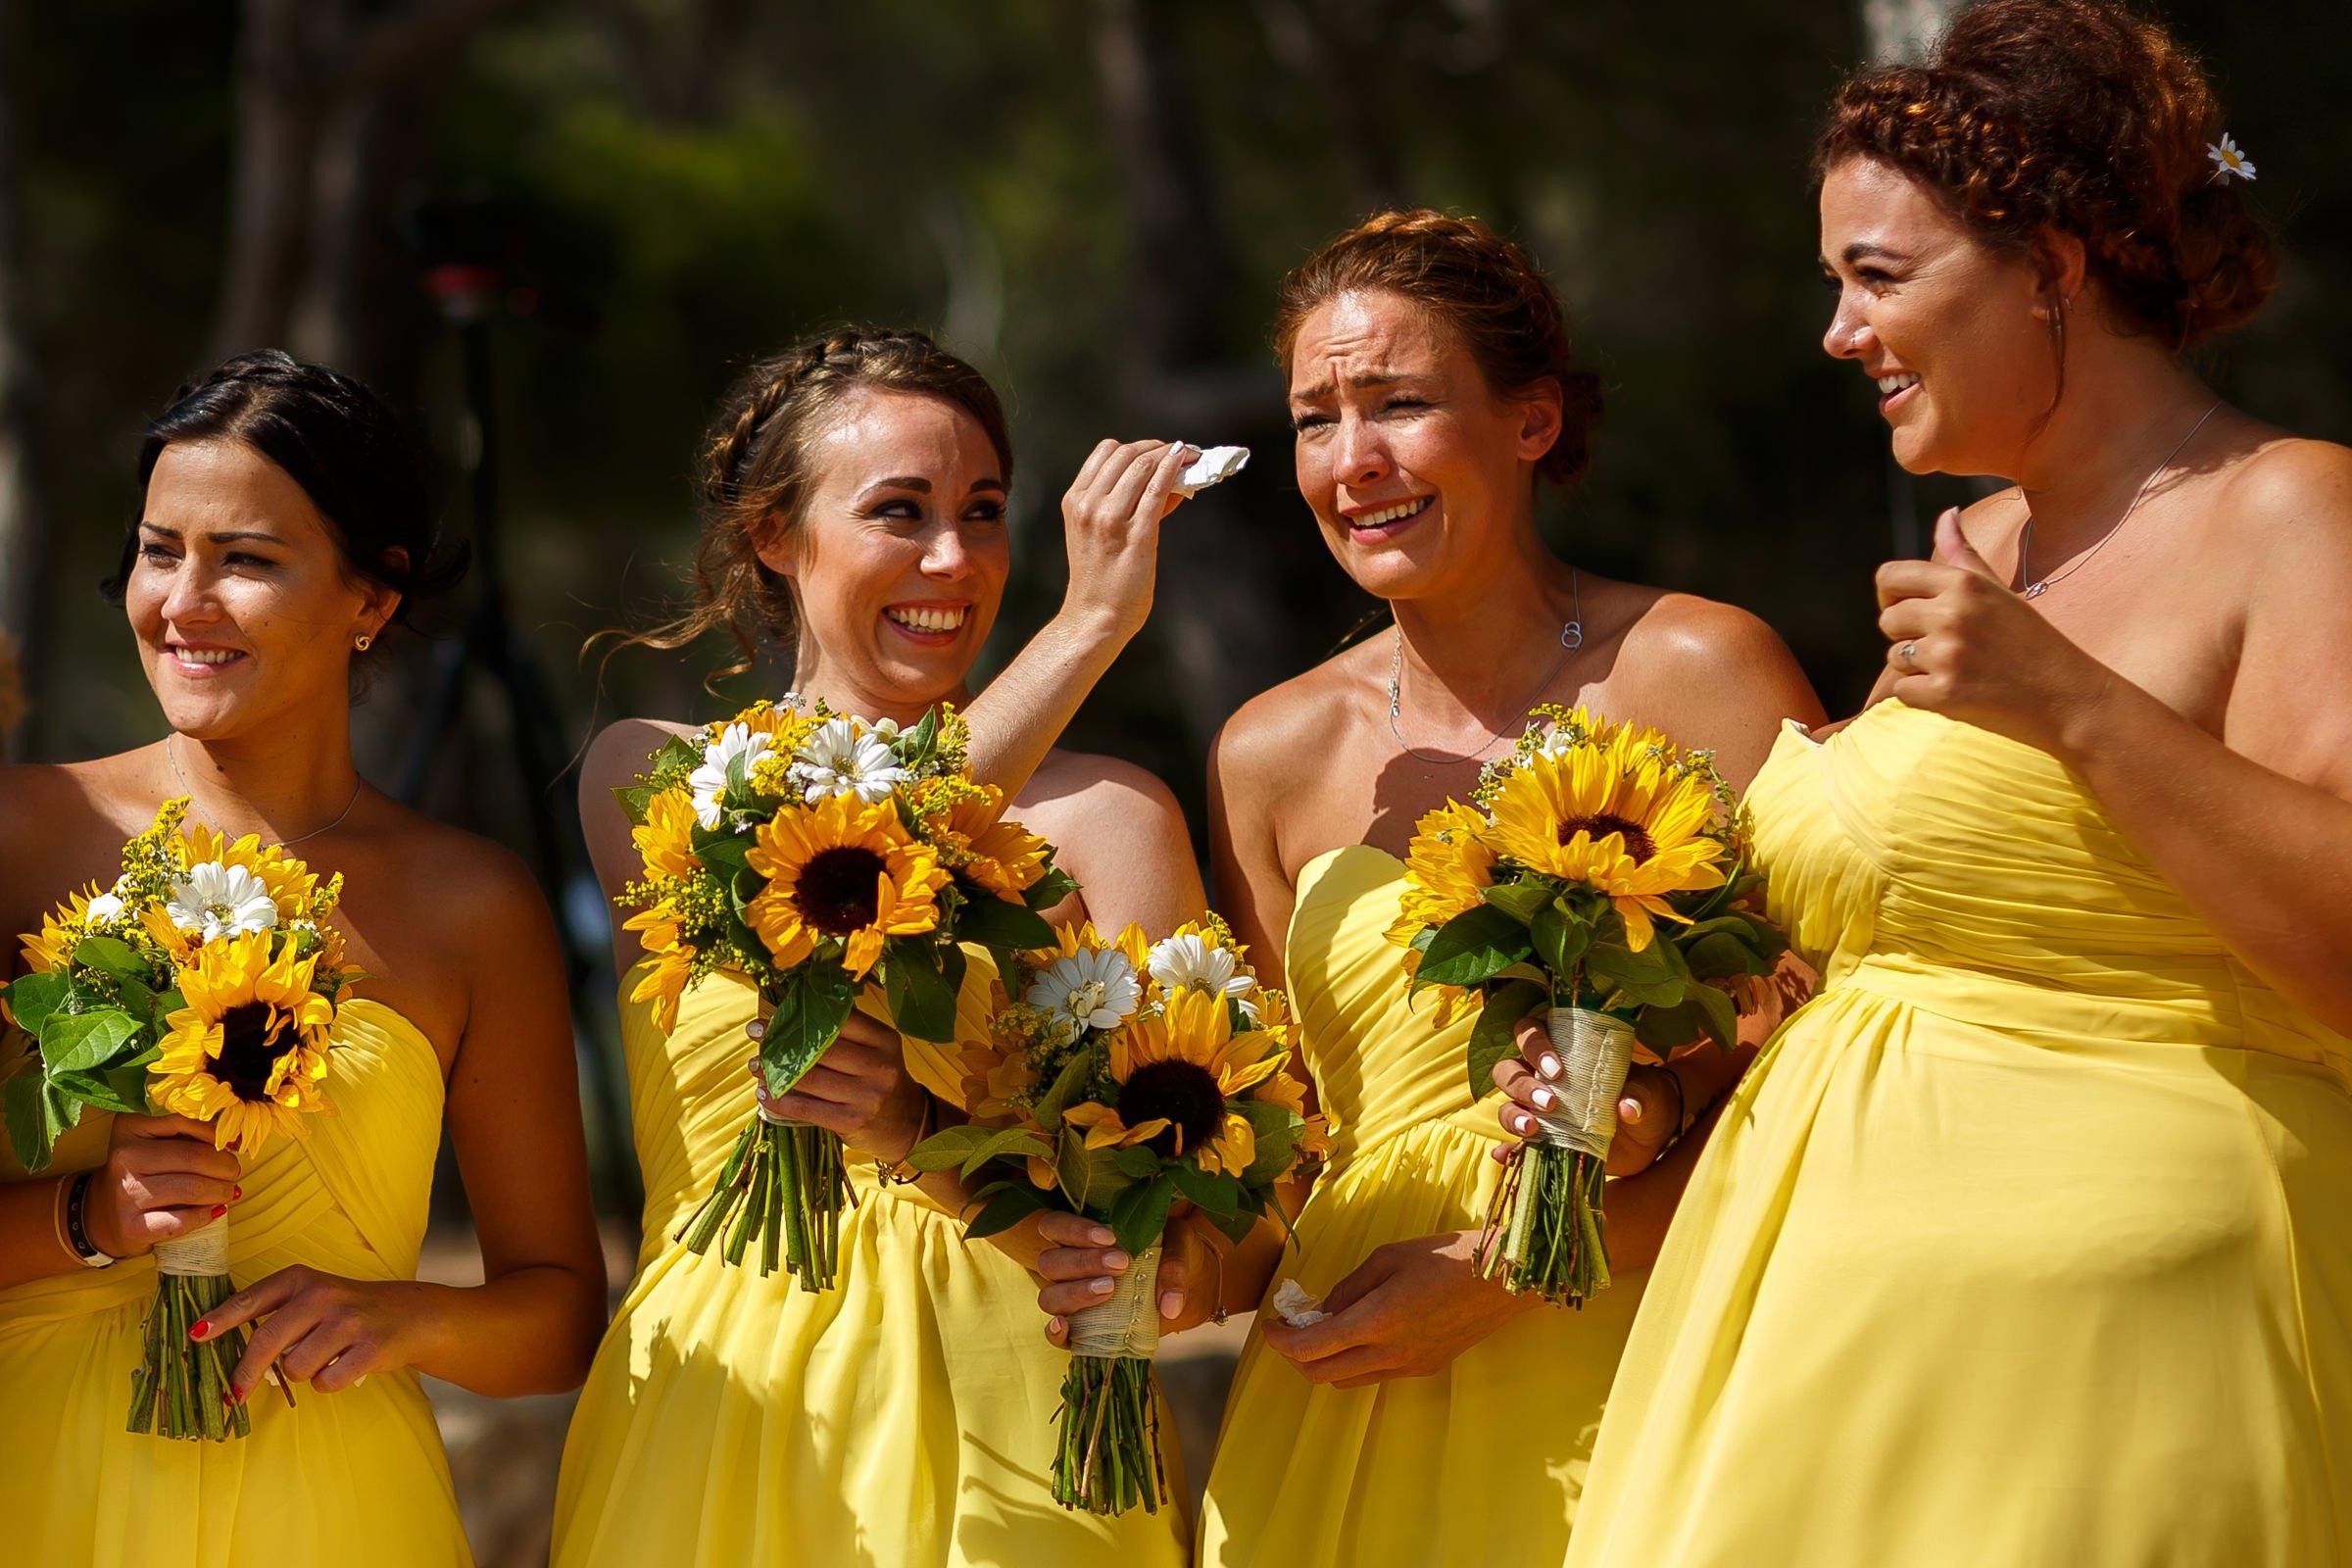 Natural photo of bridesmaids crying at wedding